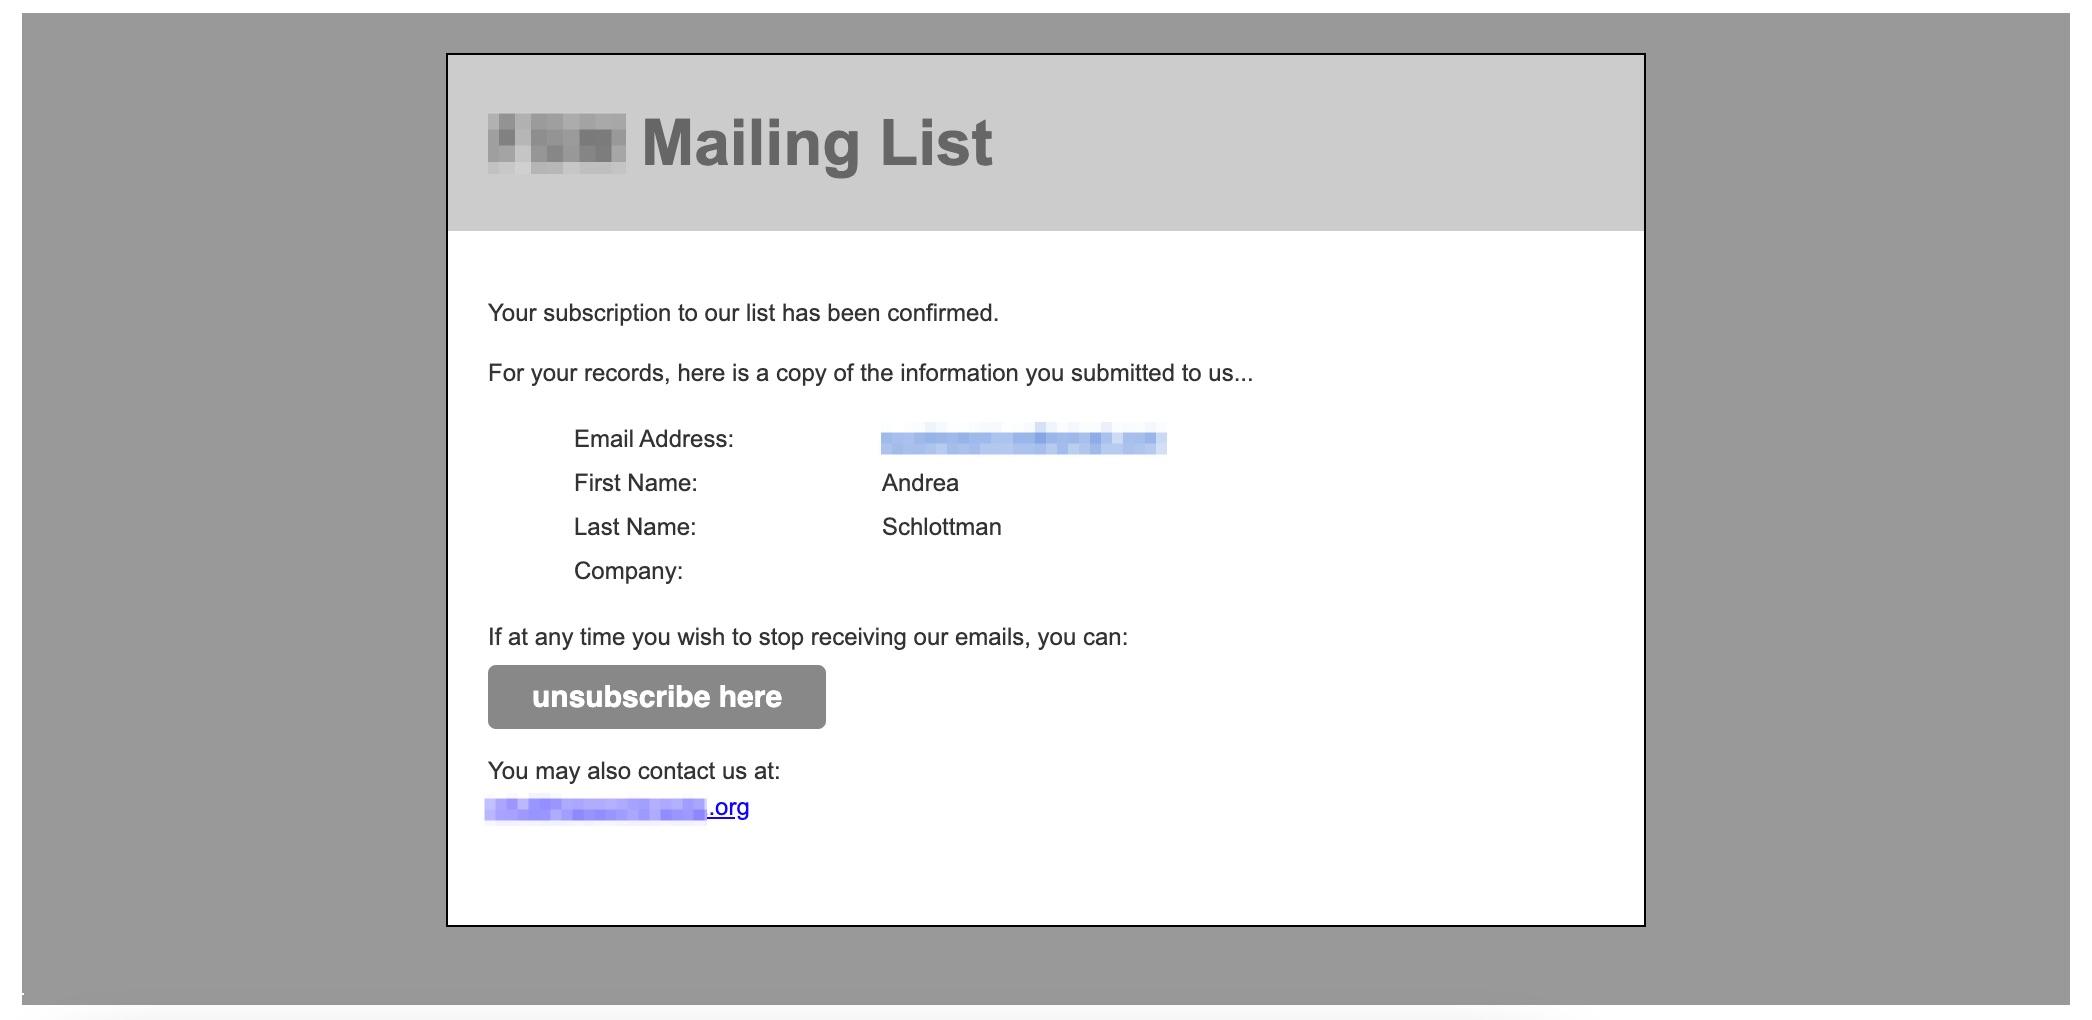 Mailchimp default message